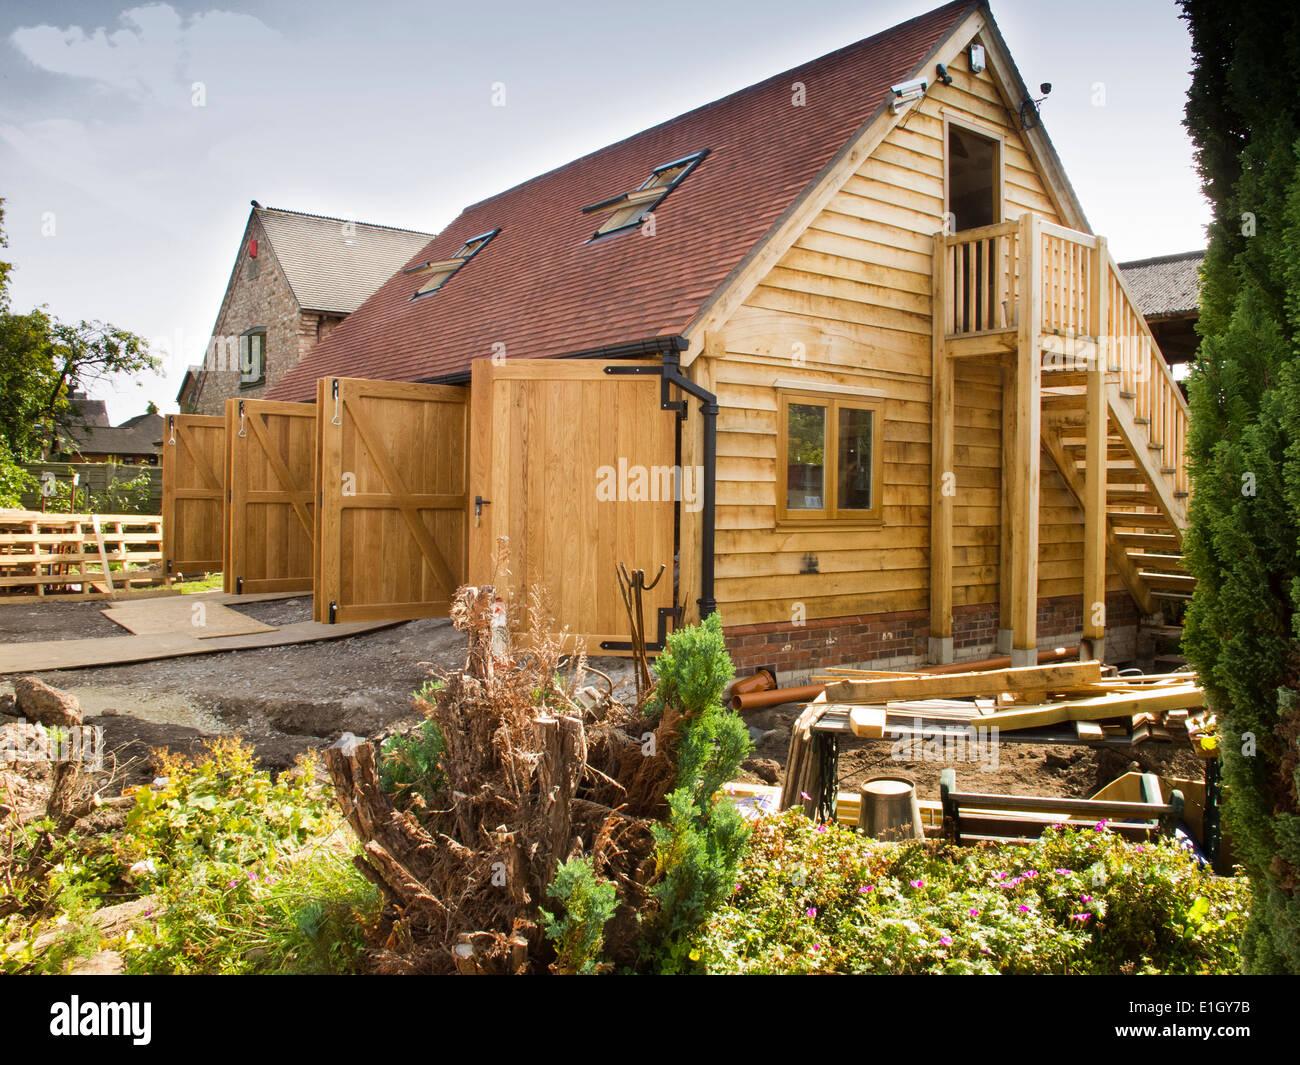 Garage Selbstbau Set : Selbstbau hausbau grüne eiche garage mit massivholz türen